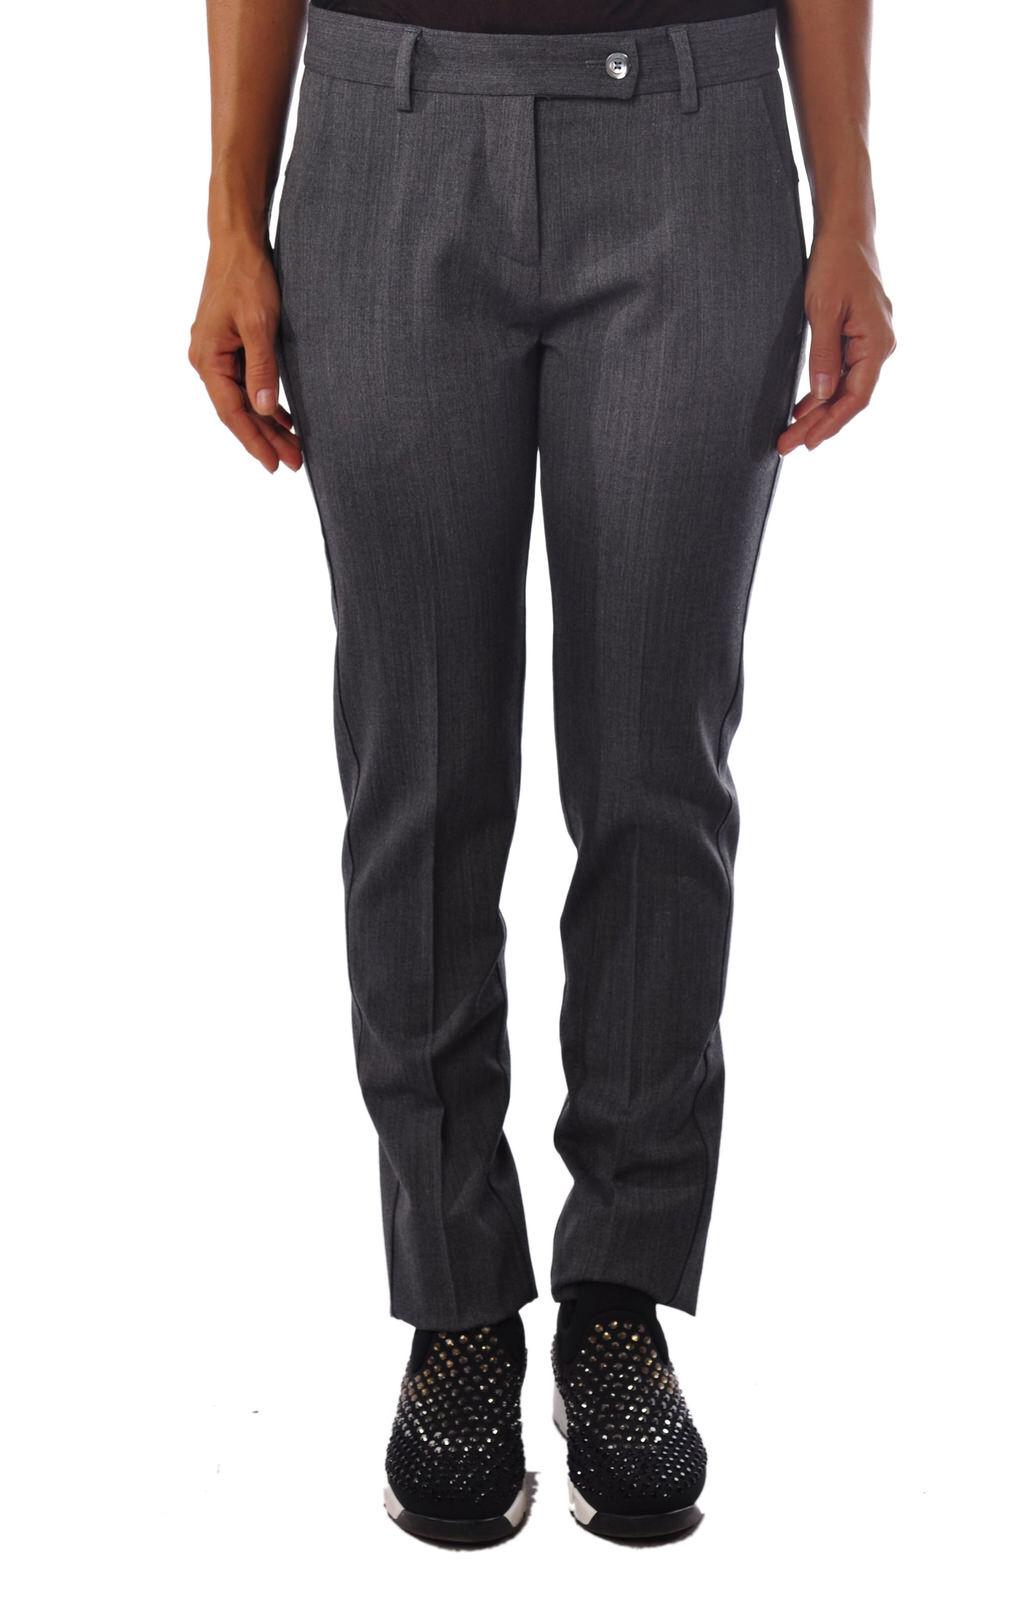 Meme - Pants-Pants - Woman - Grey - 915118C181501